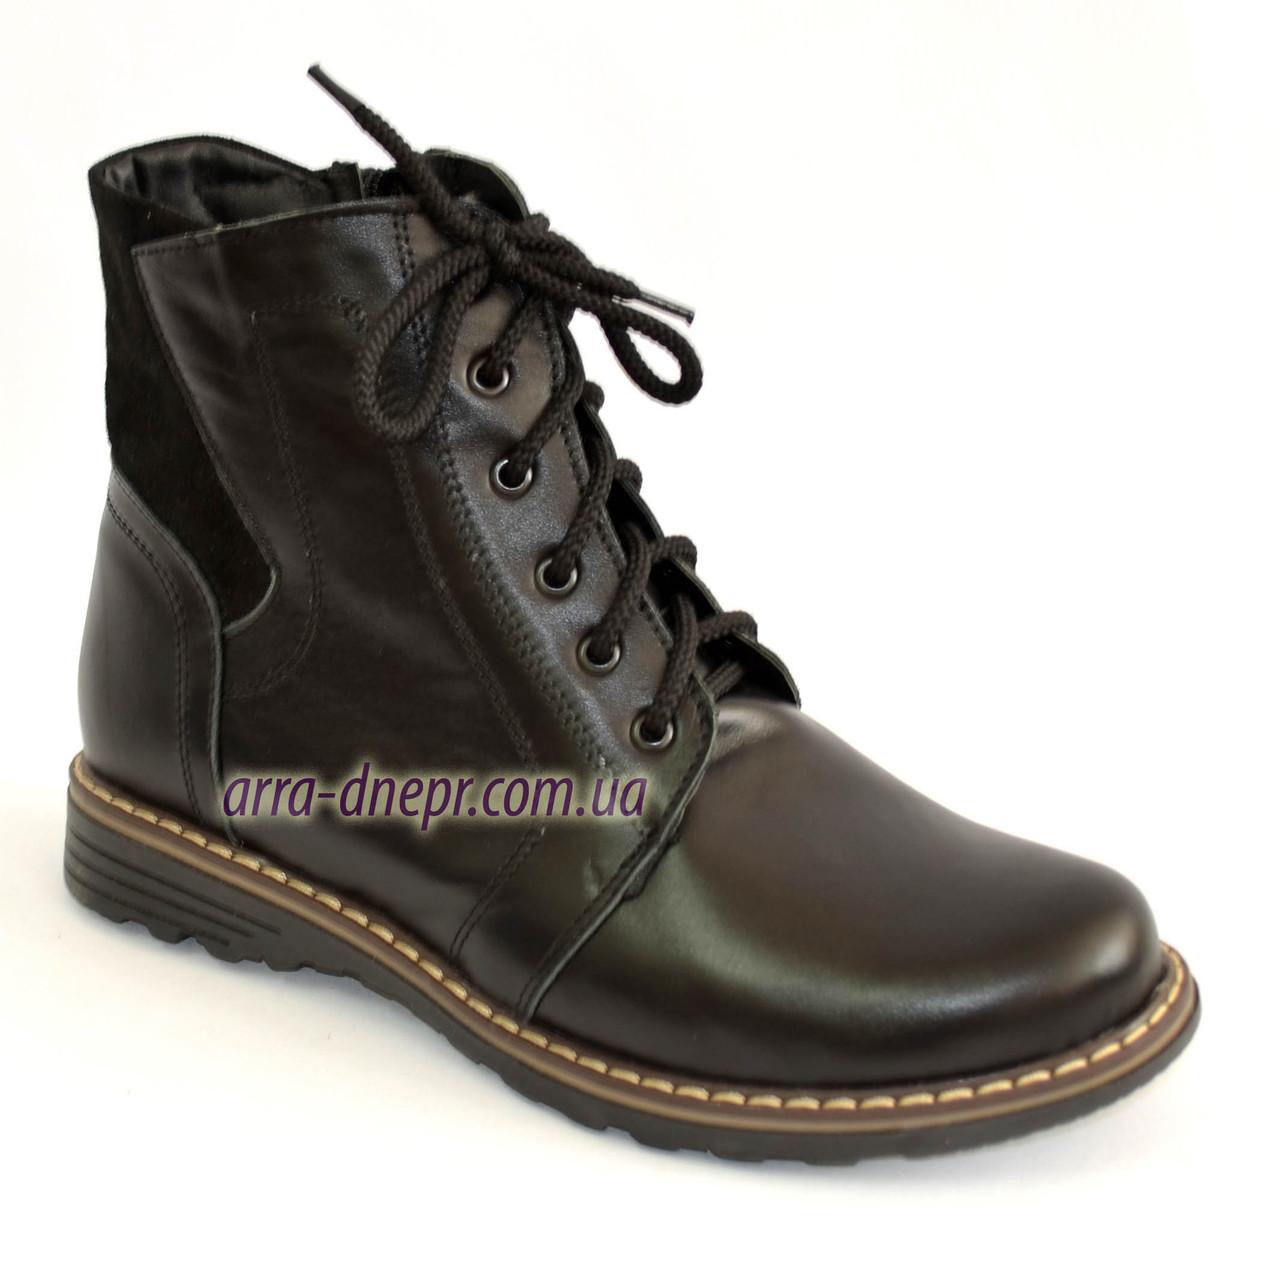 Женские кожаные демисезонные ботинки на шнуровке.